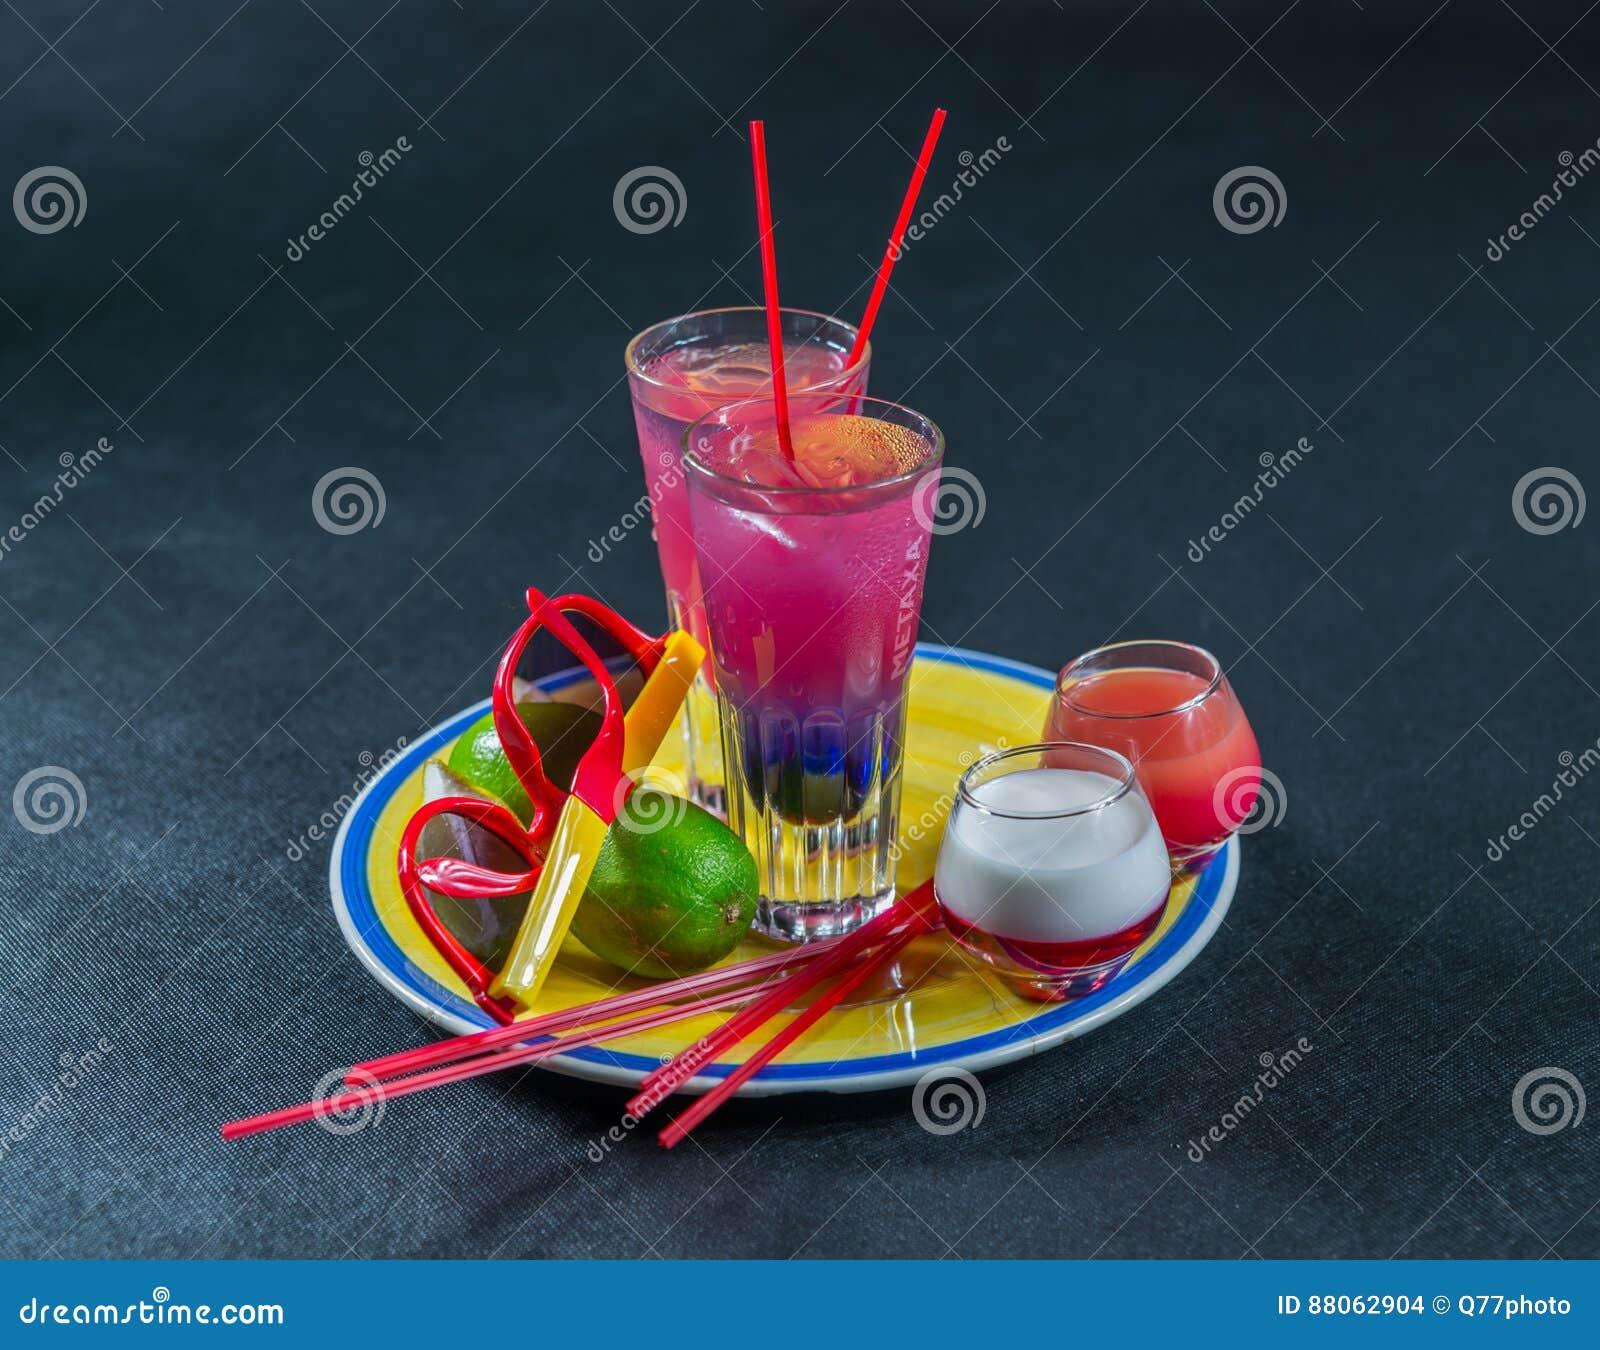 Dos bebidas coloreadas, una combinación de azul marino con púrpura,